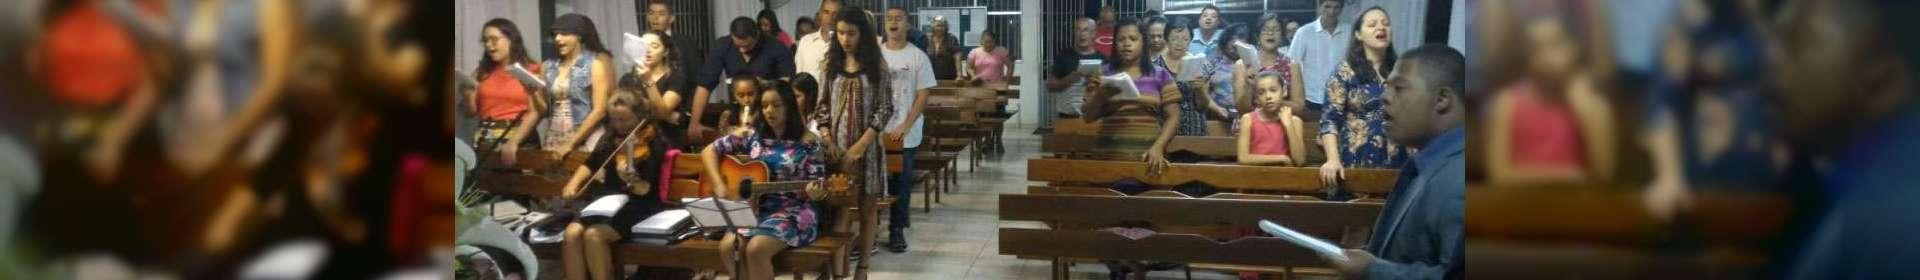 Jovens de Igrejas Cristã Maranata de Itaboraí (RJ) participam de uma programação especial